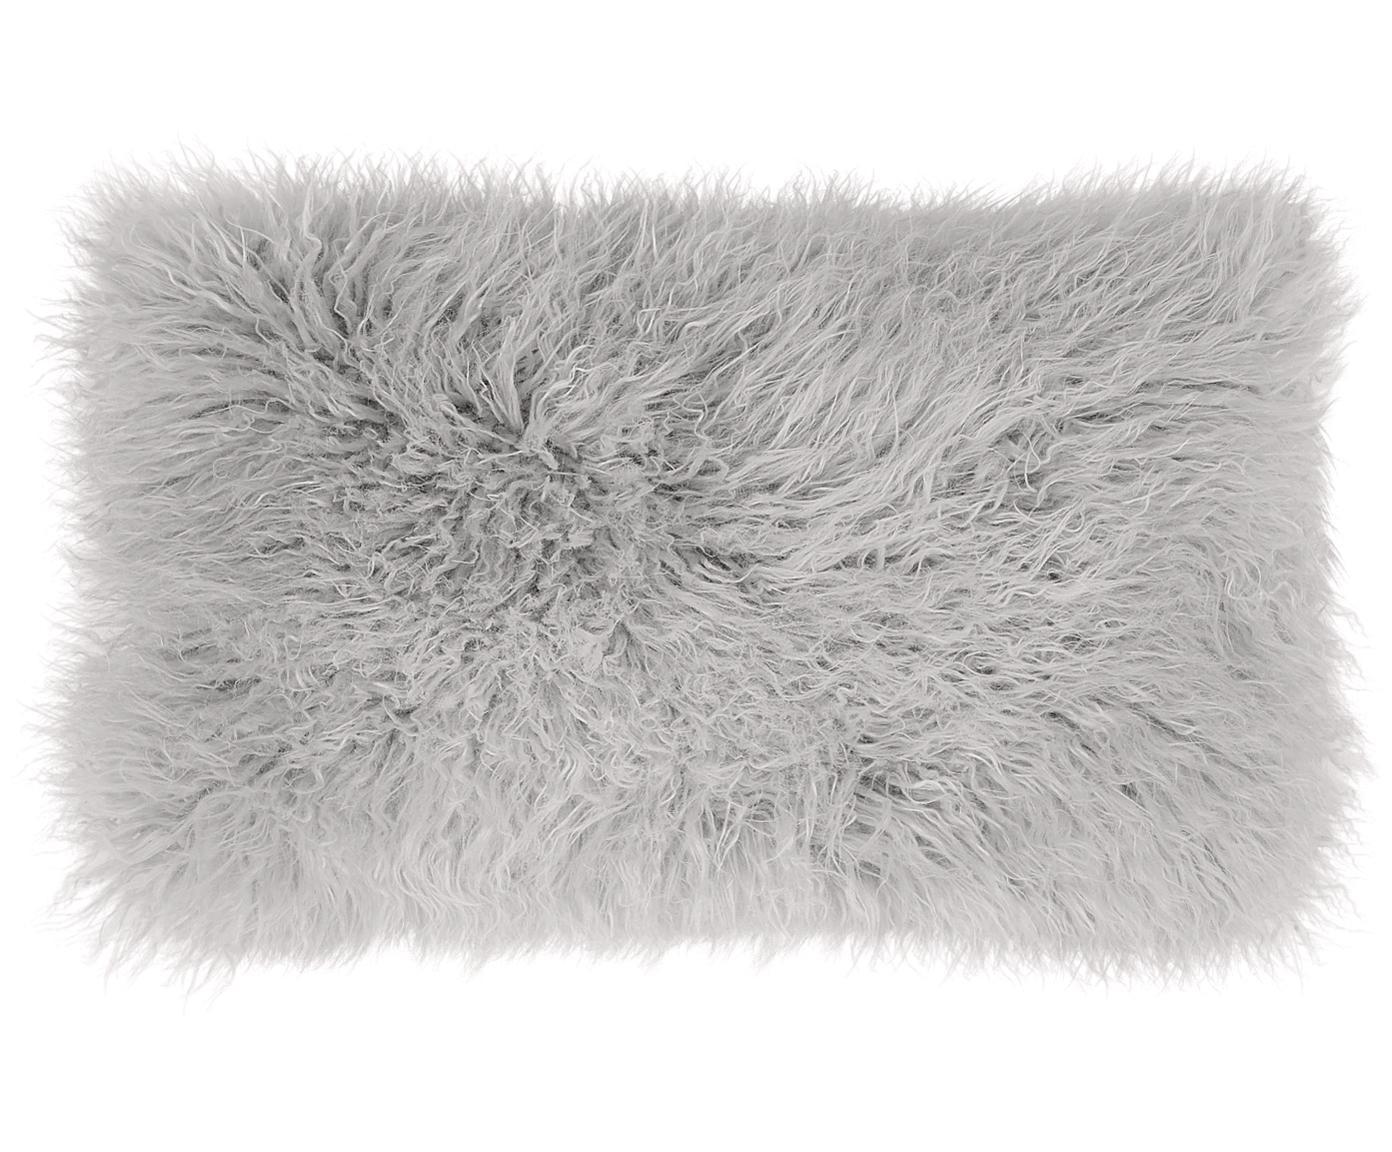 Poszewka na poduszkę ze sztucznego futra Morten, kędzierzawa, Jasny szary, S 30 x D 50 cm